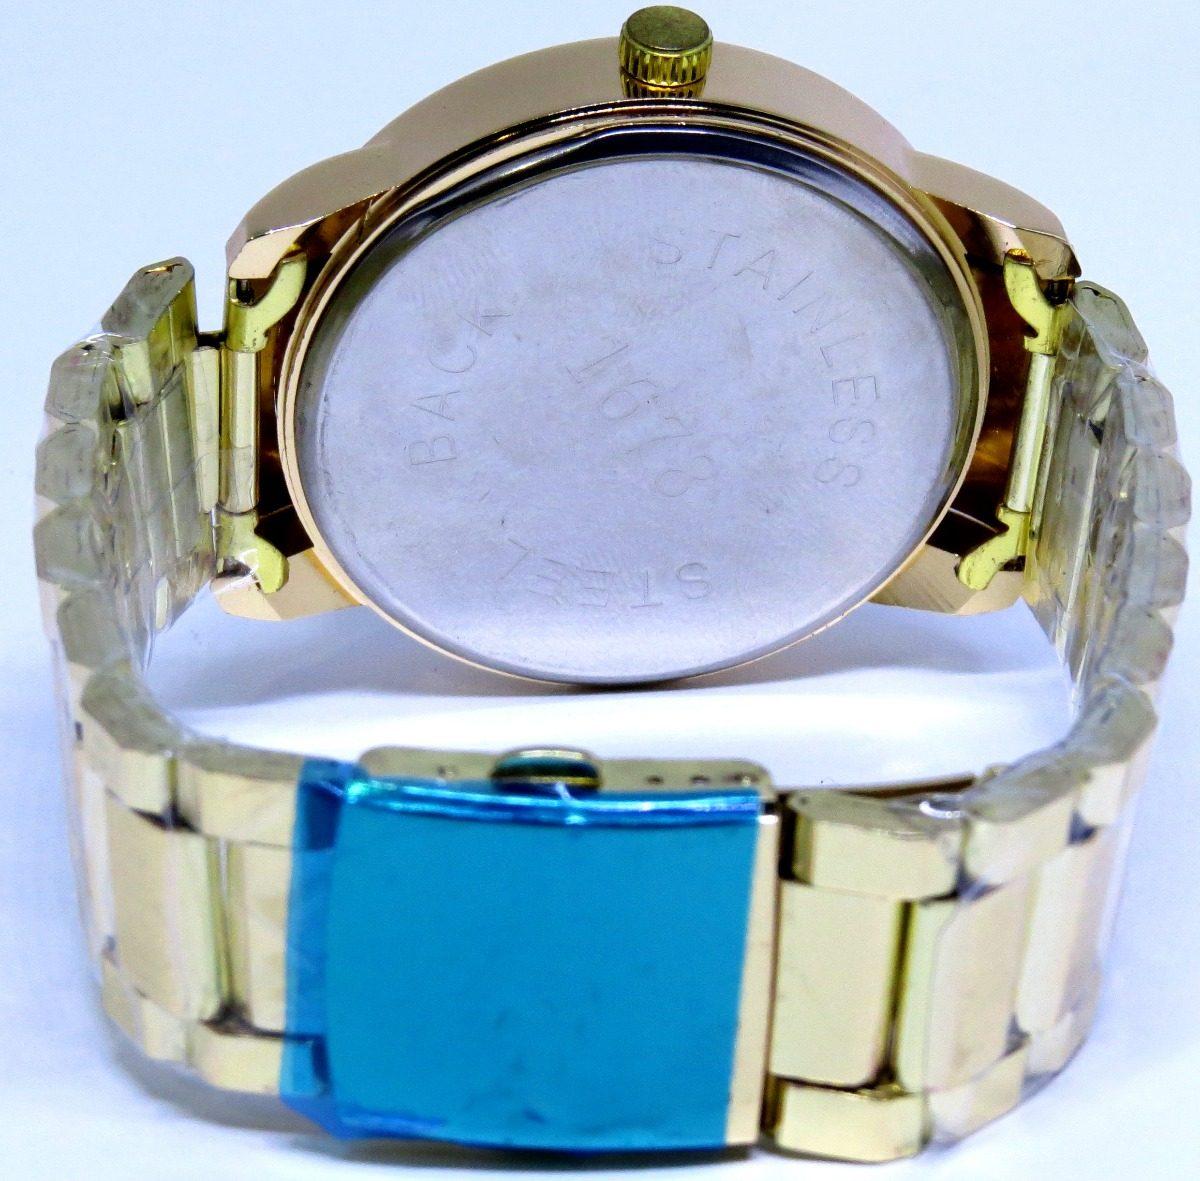 88c70c5a3da52 relógio ck masculino prata dourado na caixa lindo liquidação. Carregando  zoom.